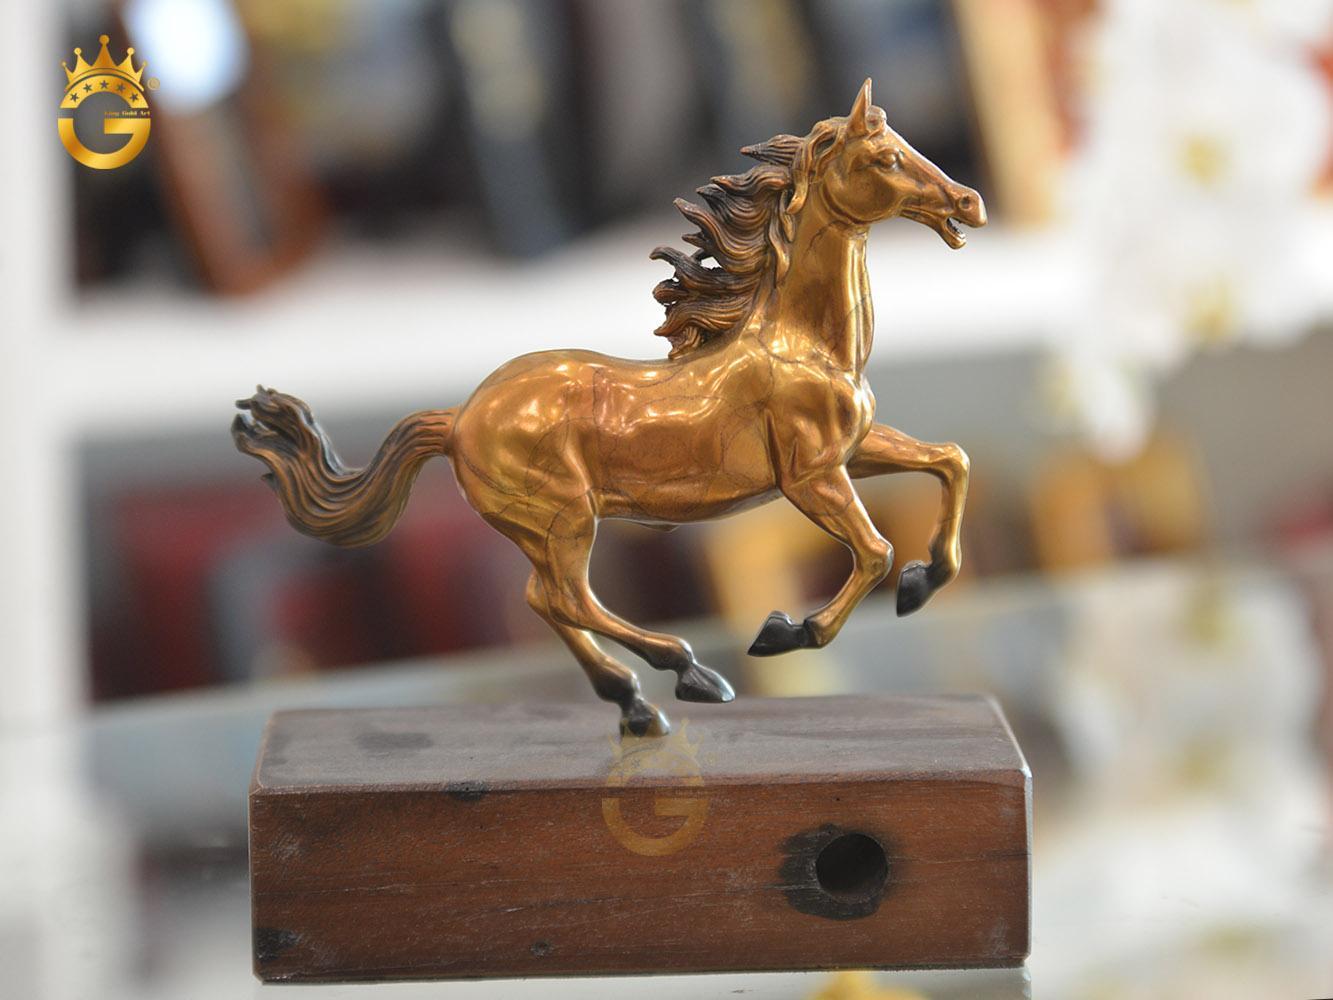 Quà tặng linh vật phong thủy, tượng ngựa đồng đẹp tinh xảo